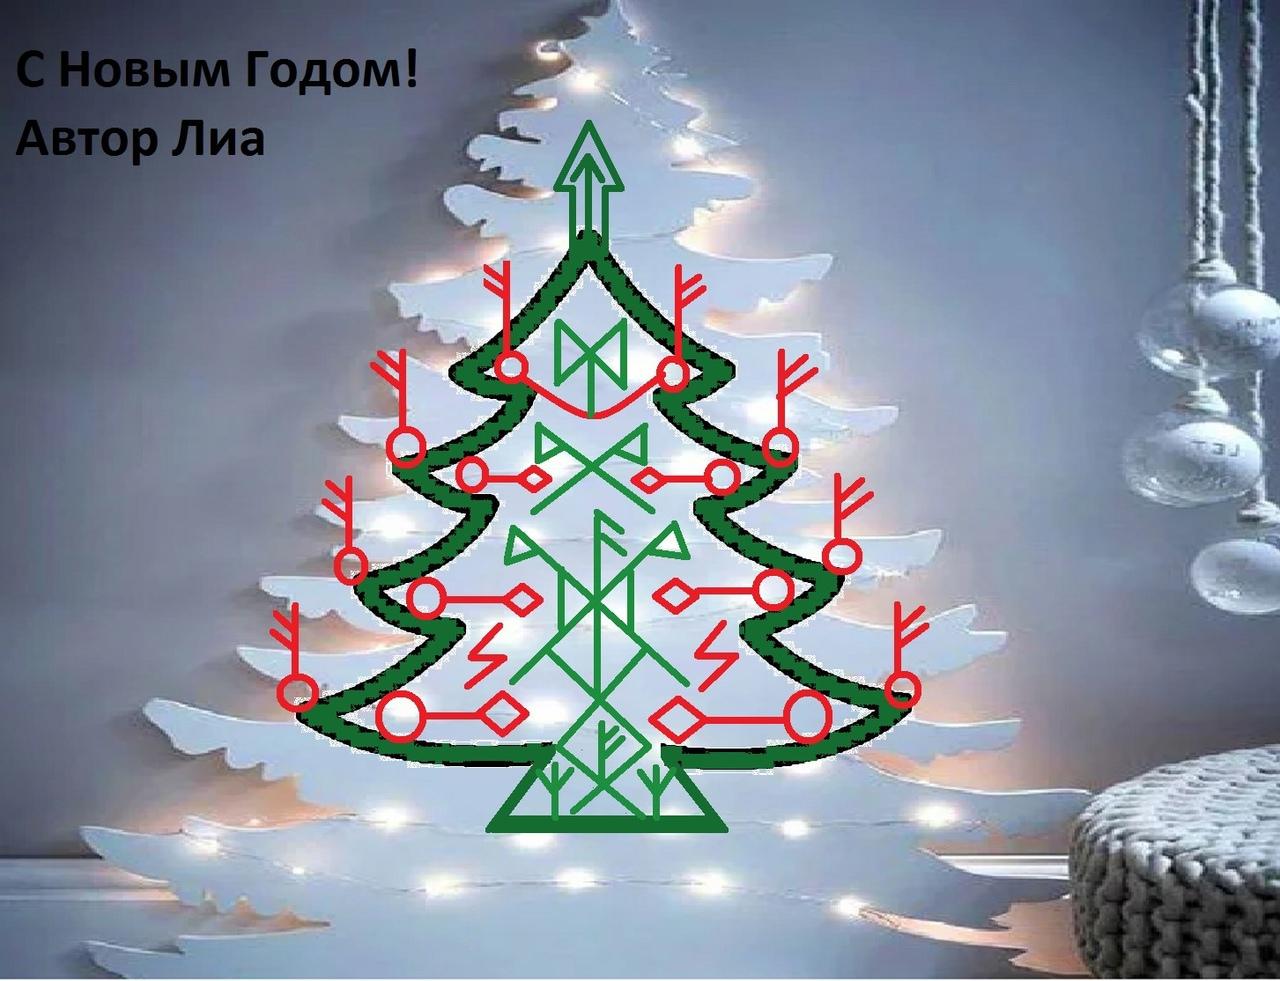 """Став """"С Новым Годом!"""" Автор Лиа Klp9vm10"""